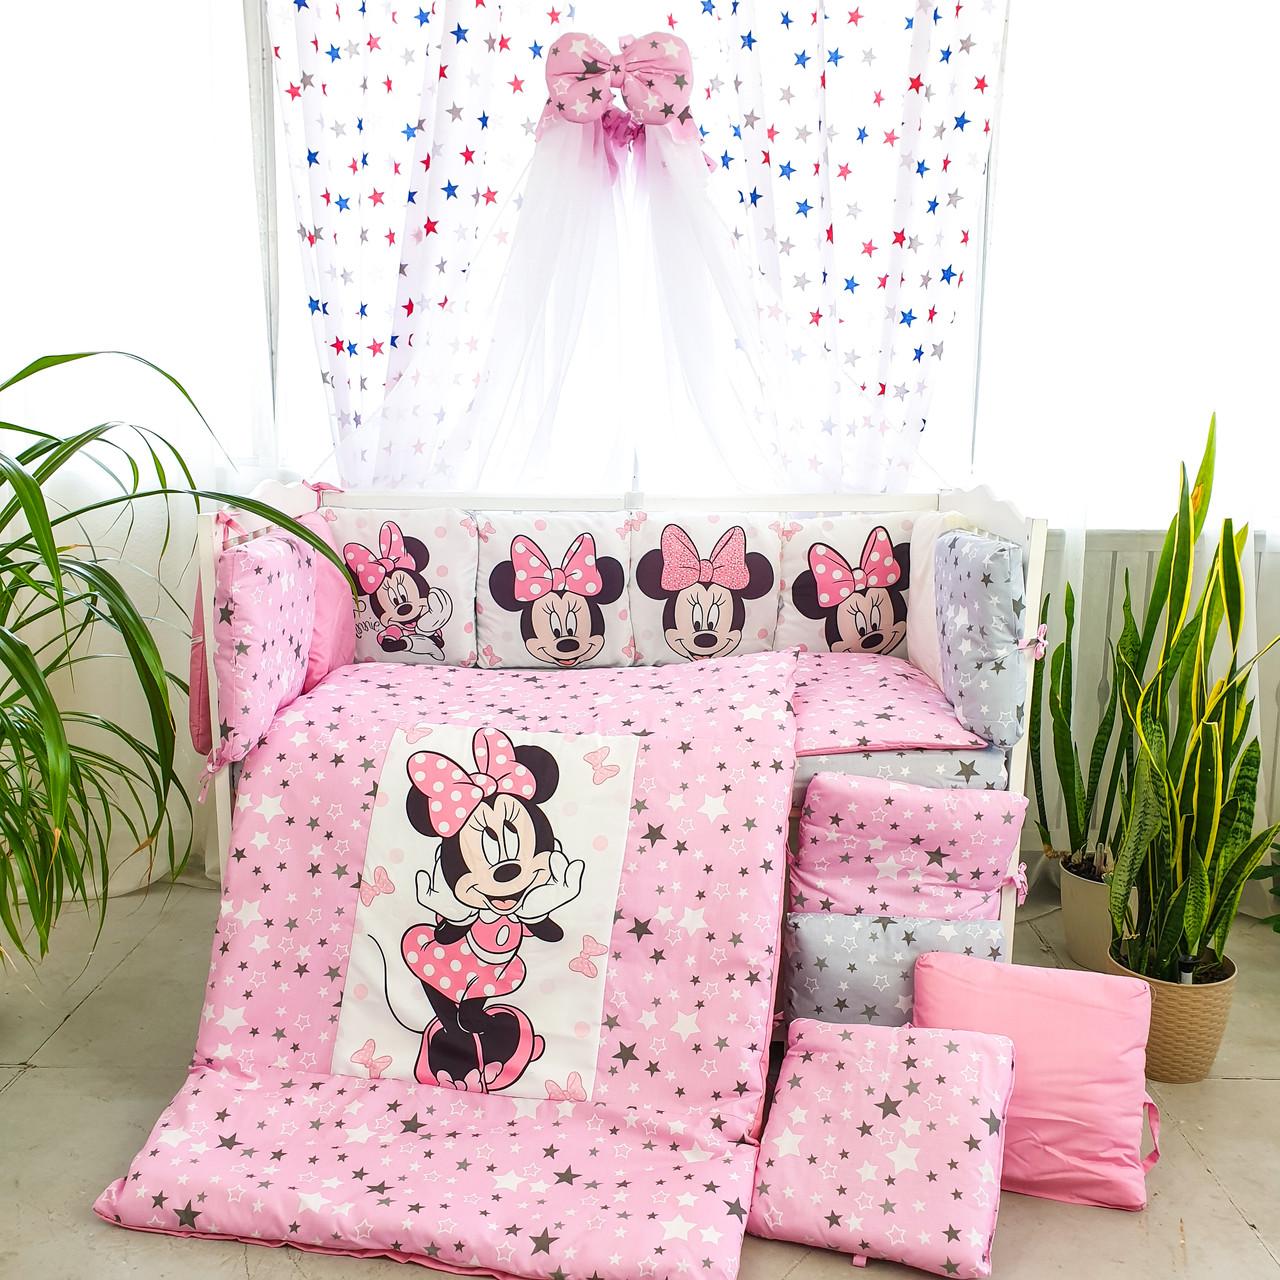 Детская постель Подушки стандарт Мини4 розовая 8 элементов (цвета в ассортименте)Бесплатная доставк